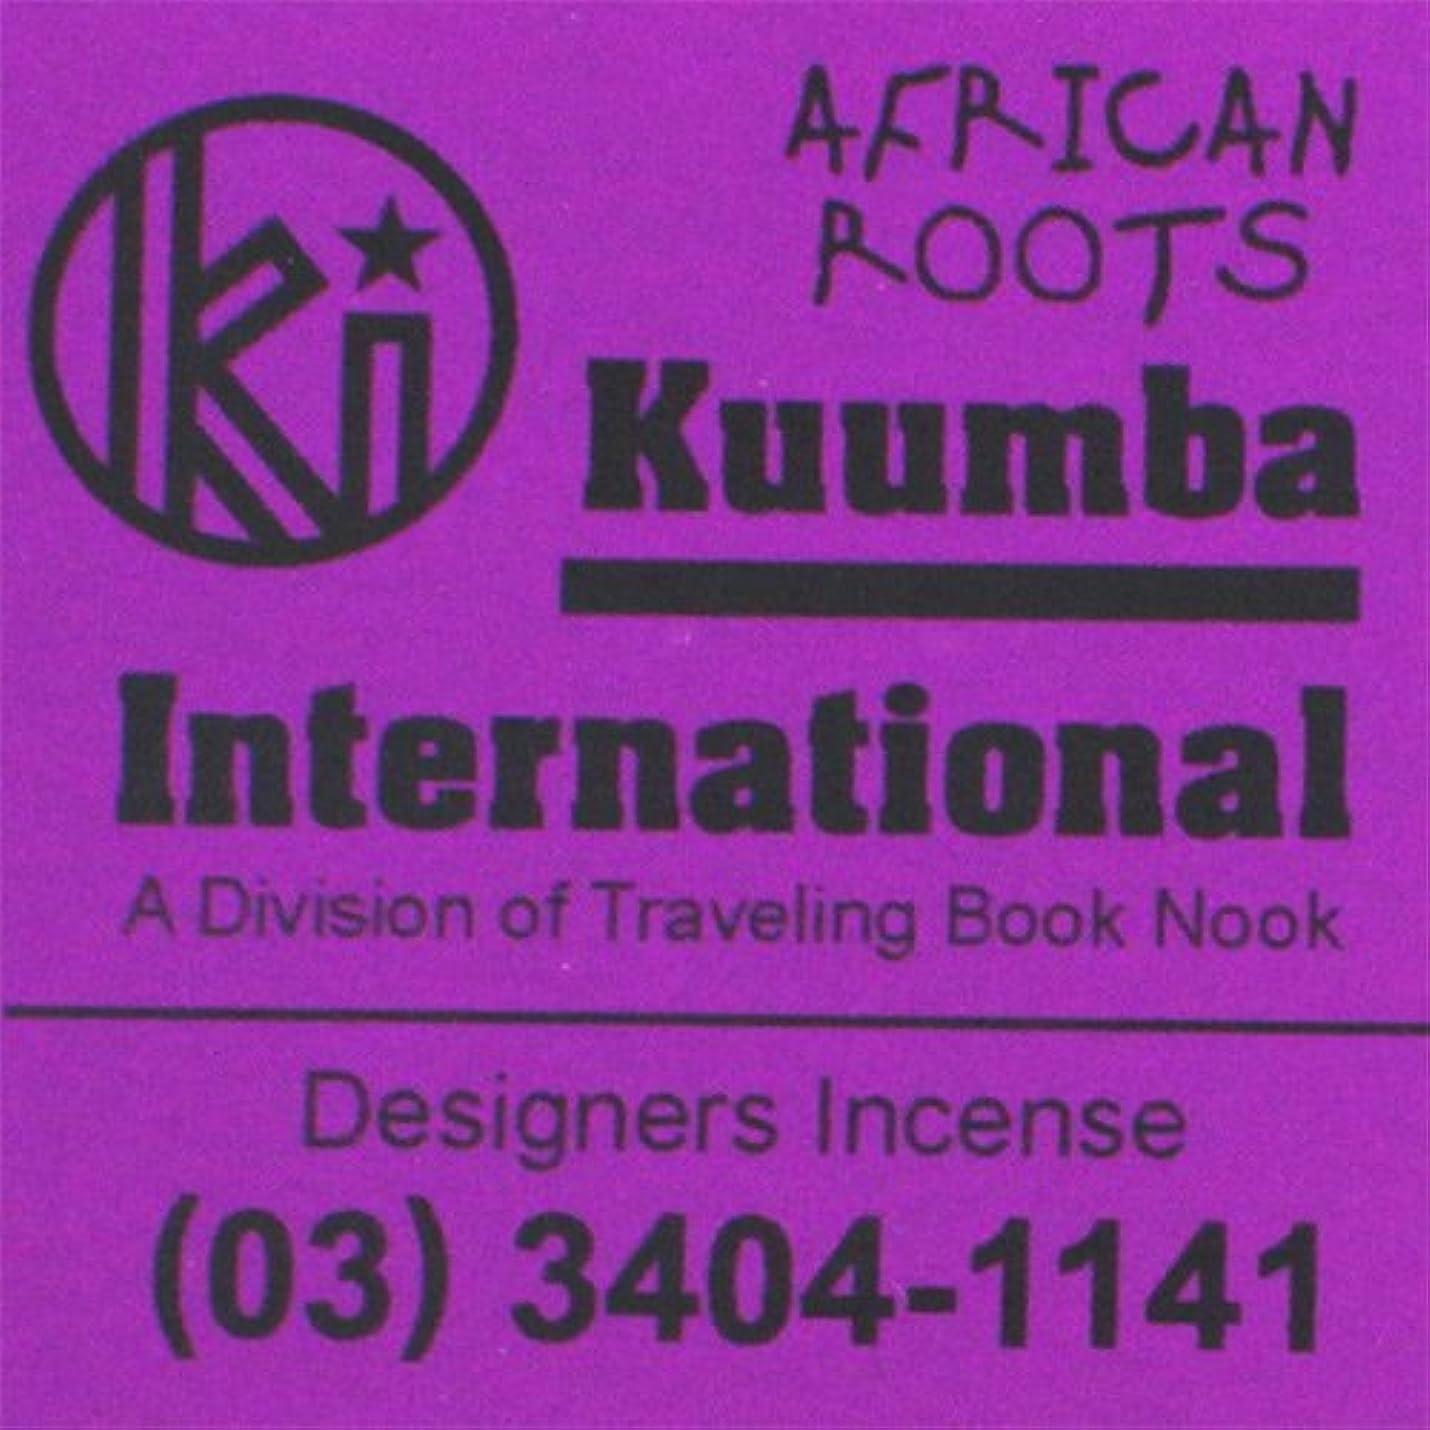 偏差十分なストレッチKUUMBA / クンバ『incense』(AFRICAN ROOTS) (Regular size)